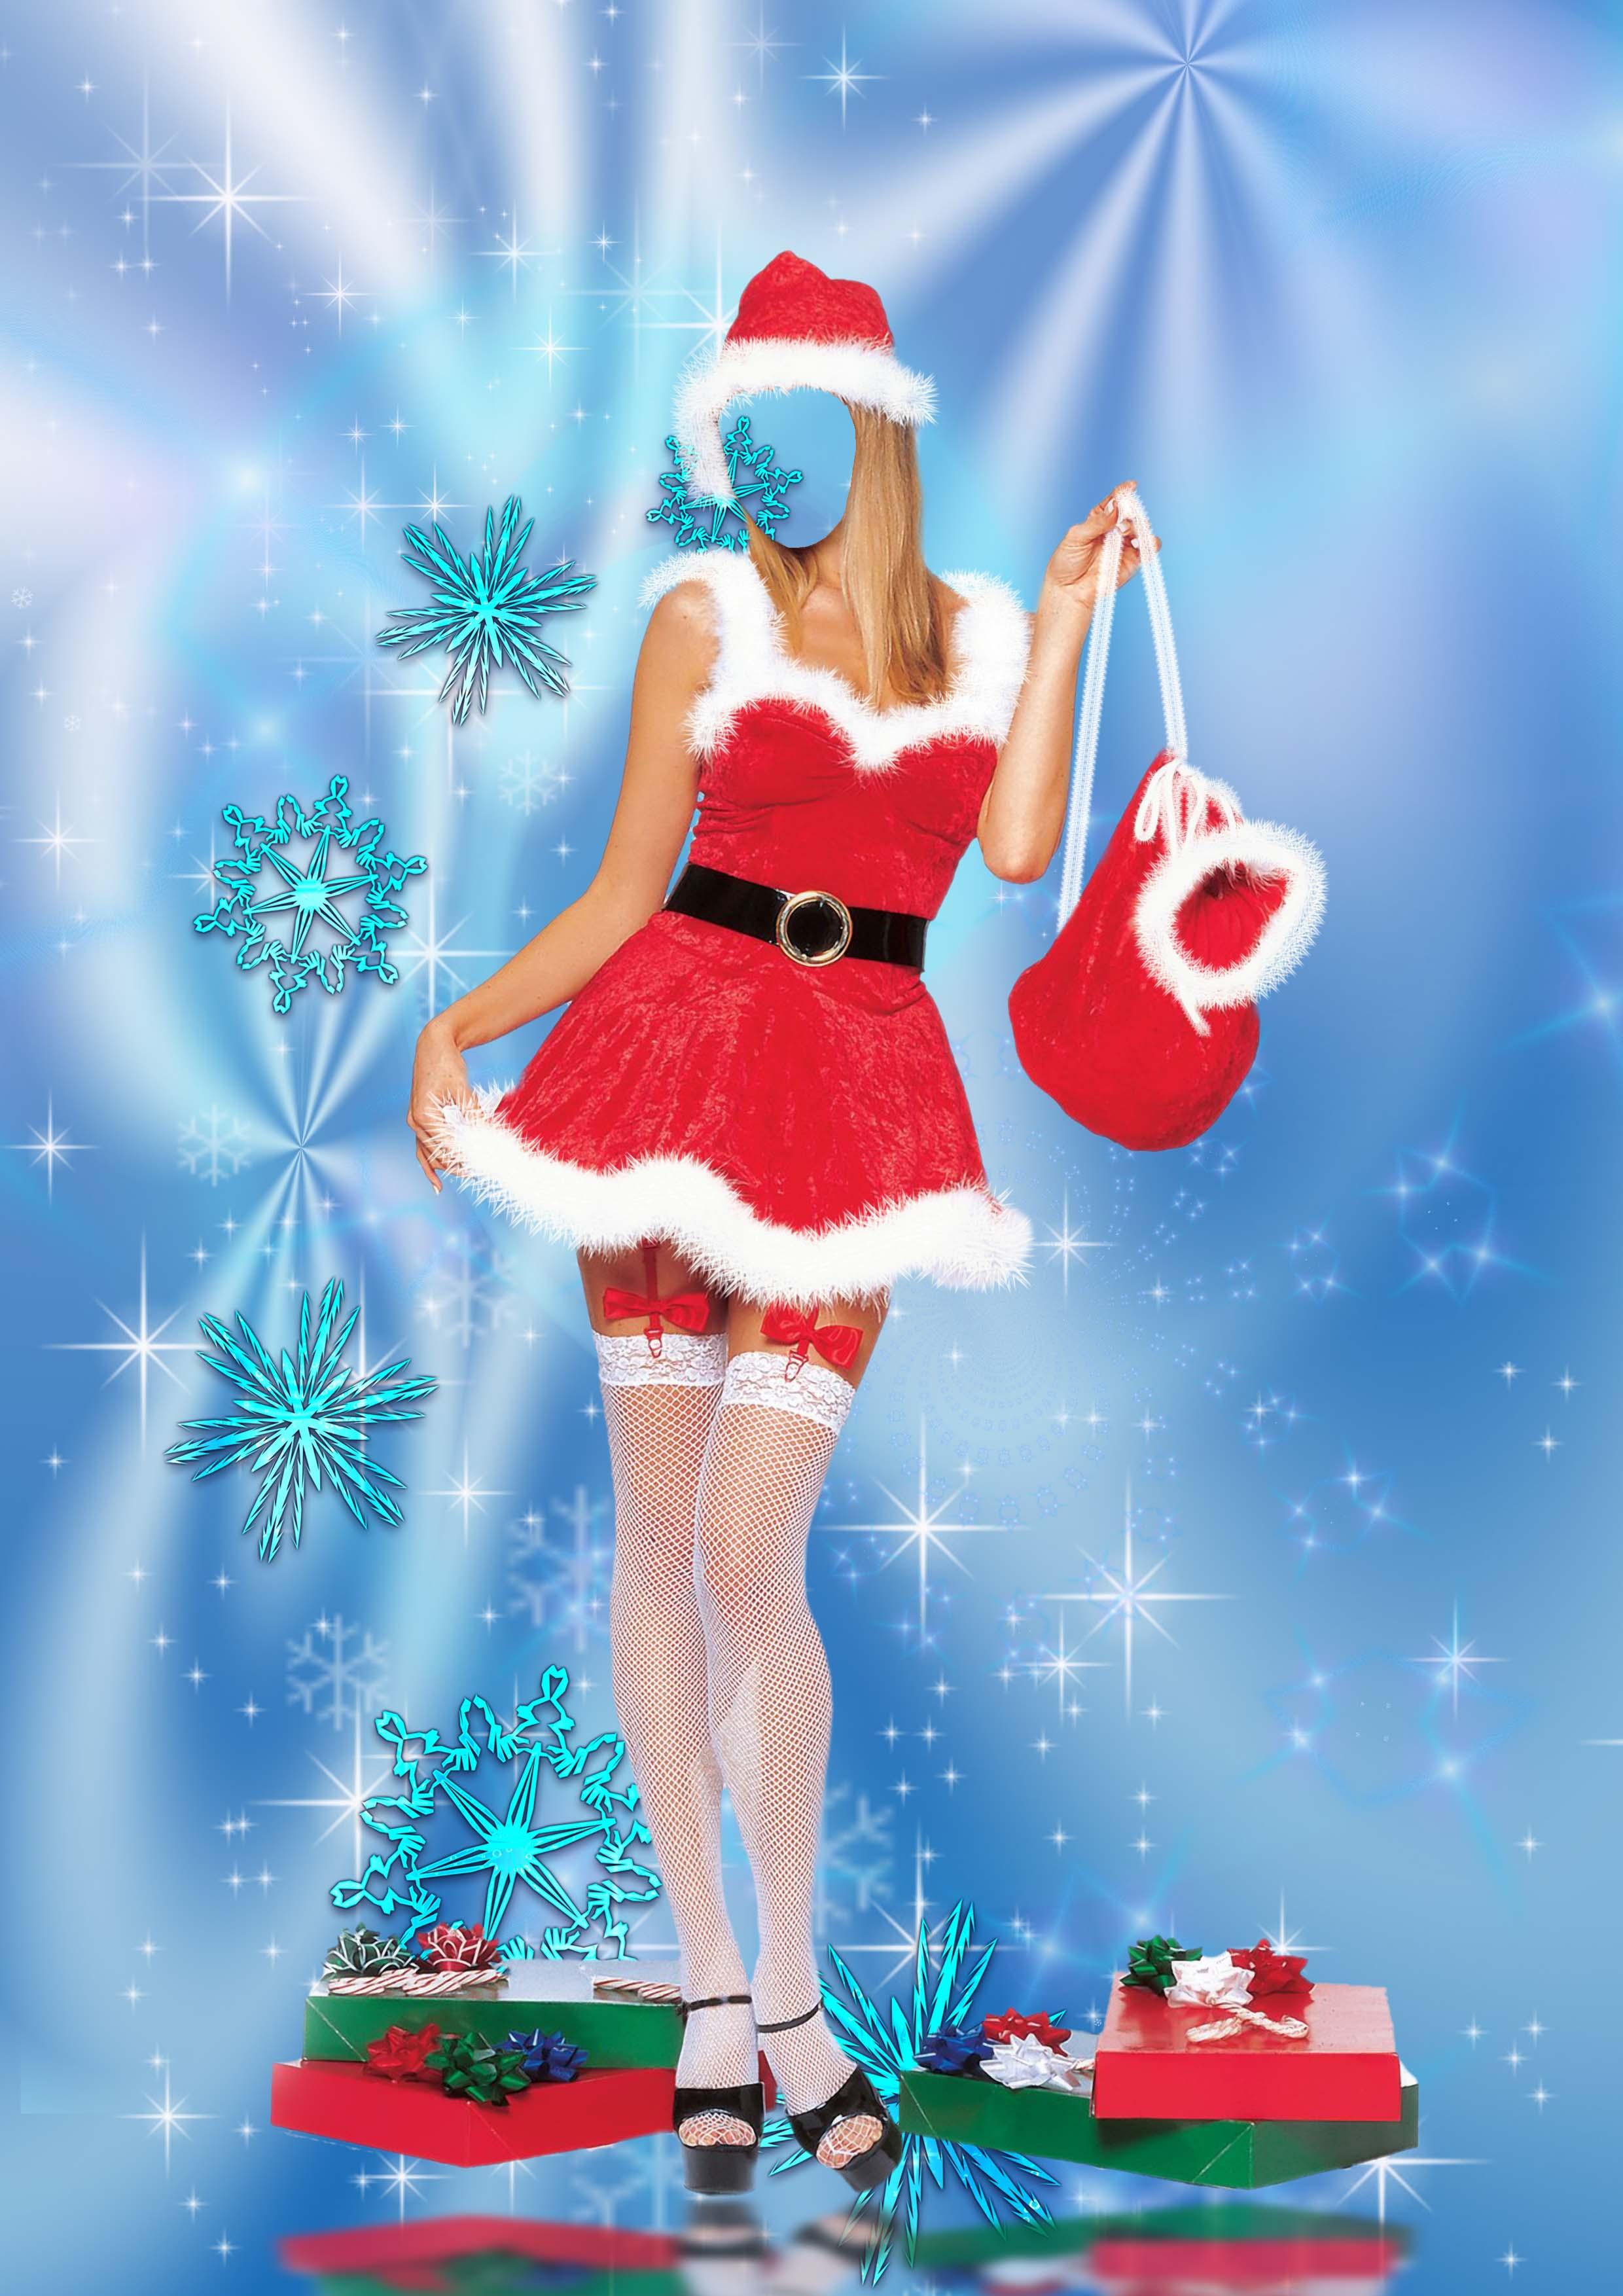 Новогодние рамки. Огромная новогодняя рамка на голубом шёлковом фоне, украшенном белыми звёздами и узорными снежинками. Новогодняя рамка для девушек и для молодых людей, которые хотят сделать оригинальный портрет любимой девушки. Эротическая новогодняя рамка шаблон – красивая девушка в довольно фривольном красном новогоднем костюмчике и белых чулочках держит мешок с подарками. У ног девушки тоже лежат коробки с подарками, завёрнутые в красивую подарочную бумагу с бантом.